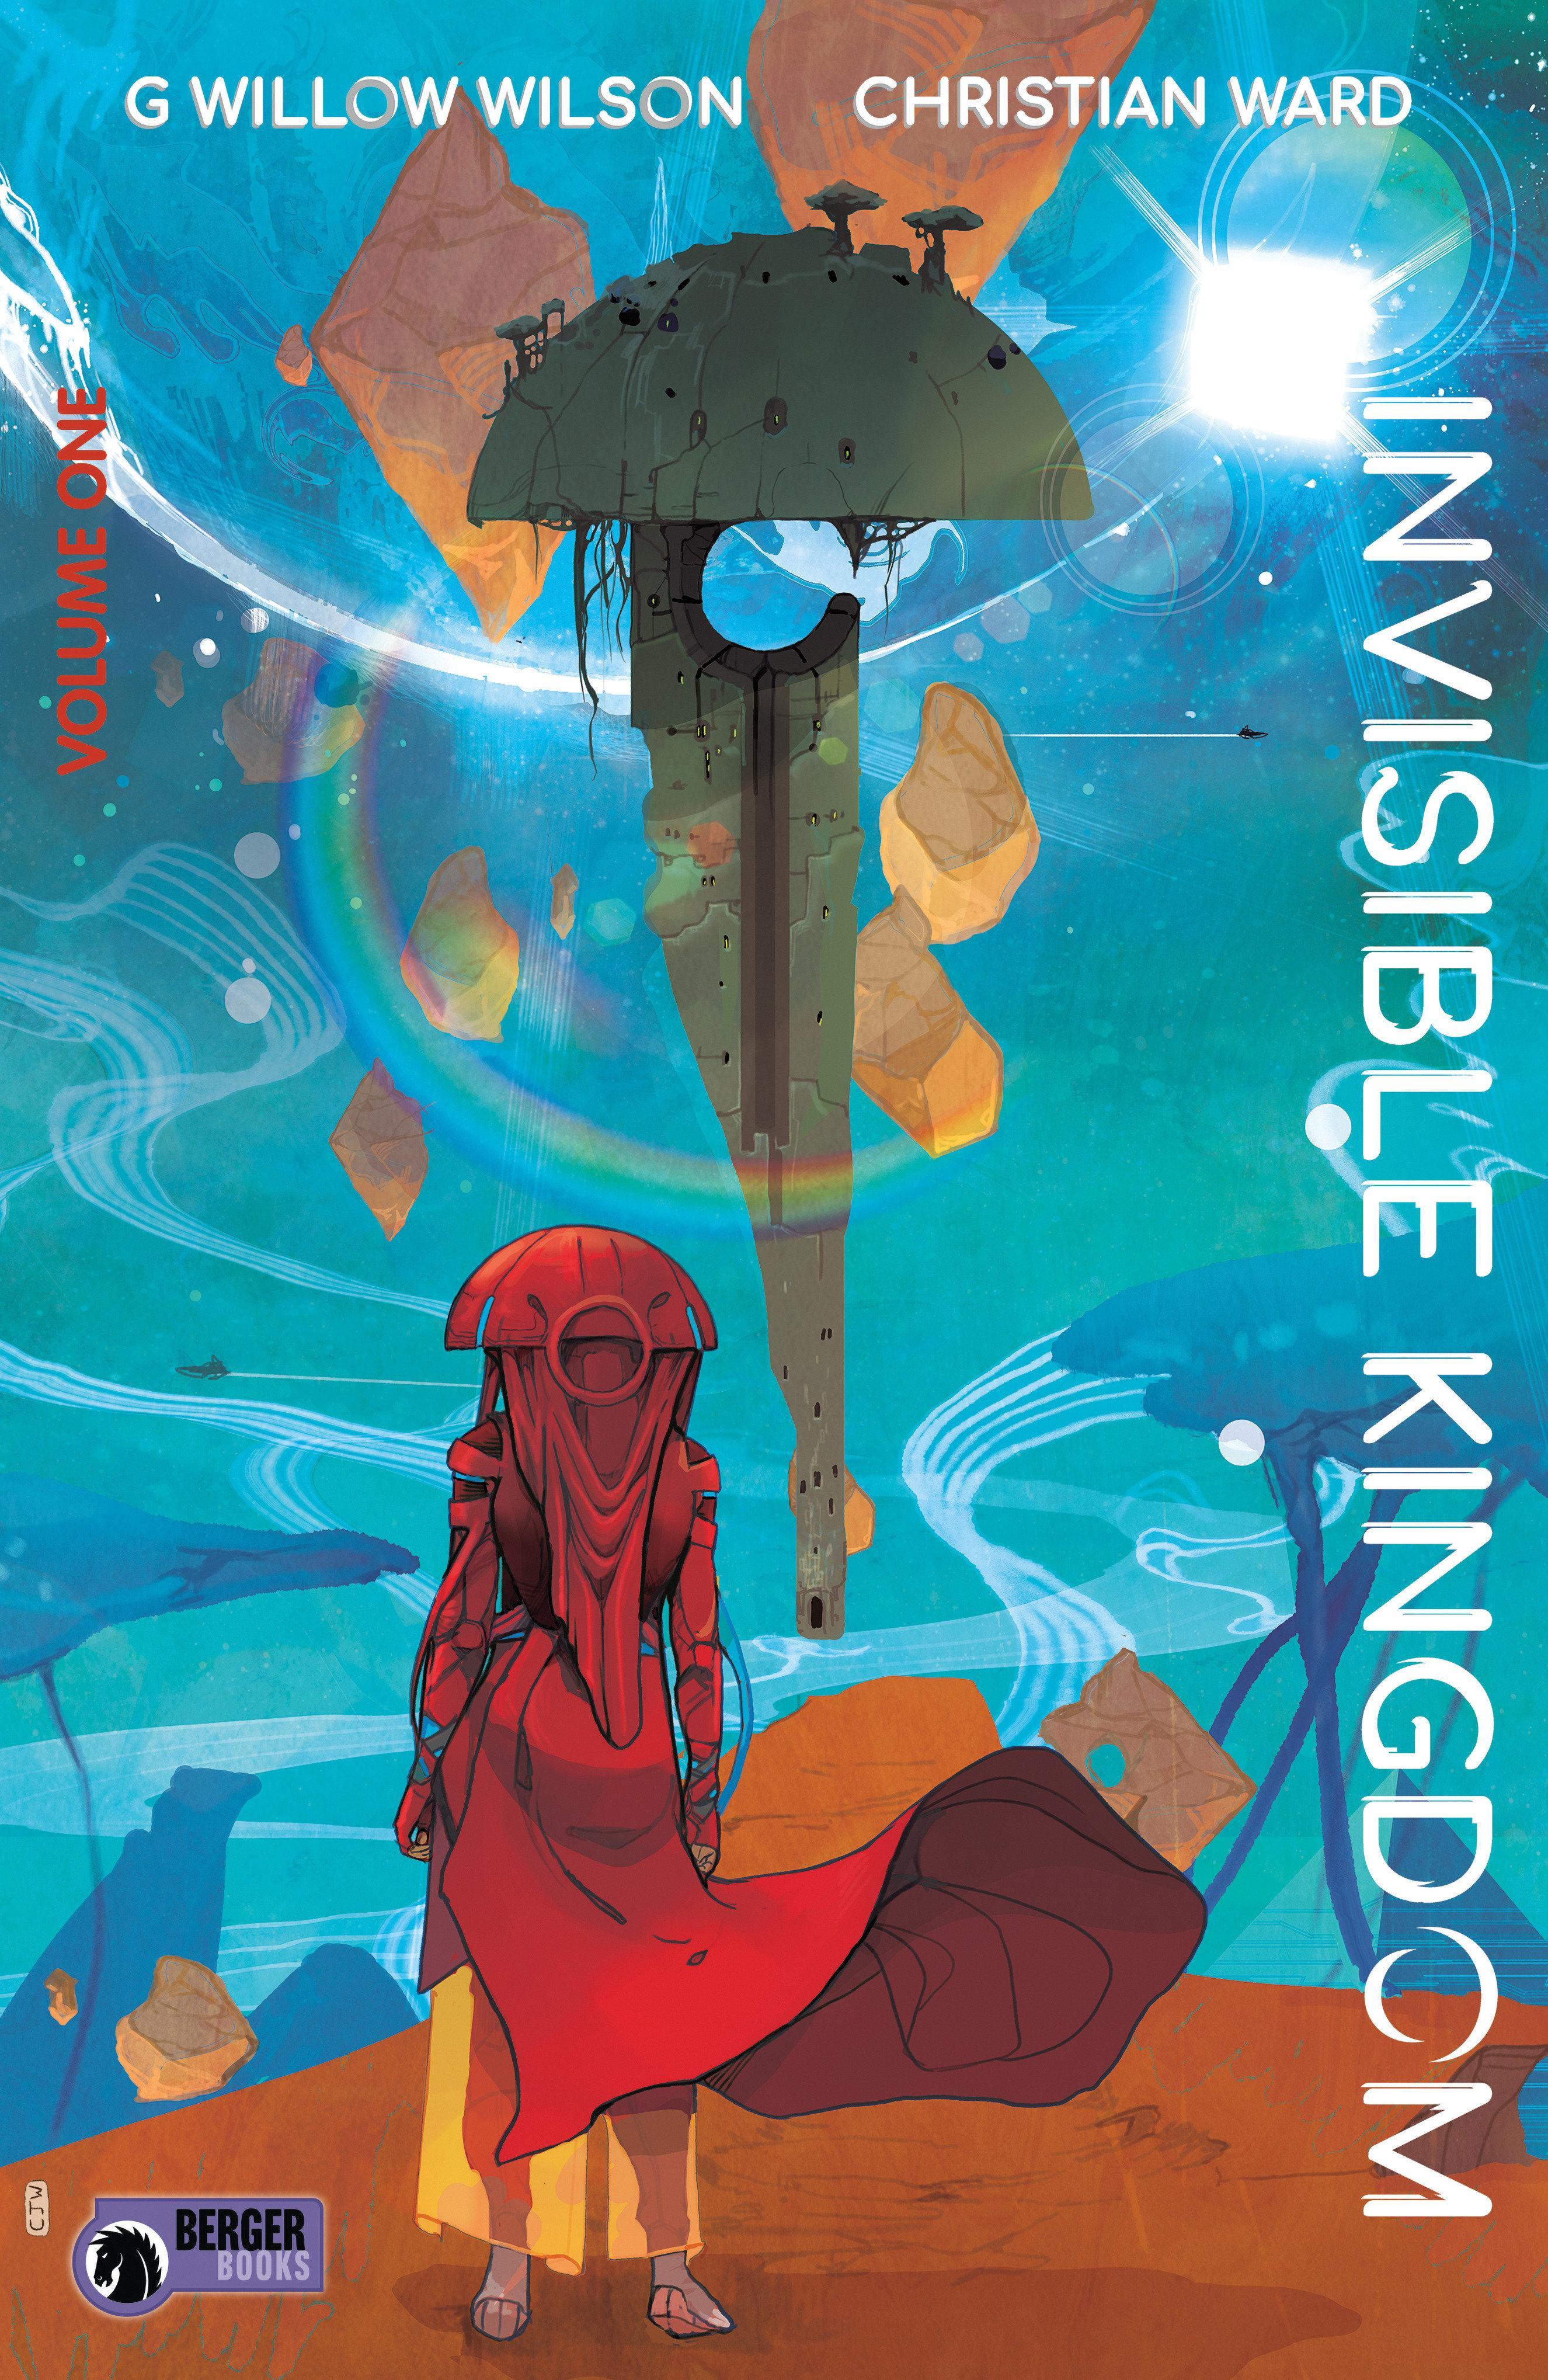 Invisible Kingdom Volume 1  G. Willow Wilson  Taschenbuch  Englisch  2019 - Wilson, G. Willow